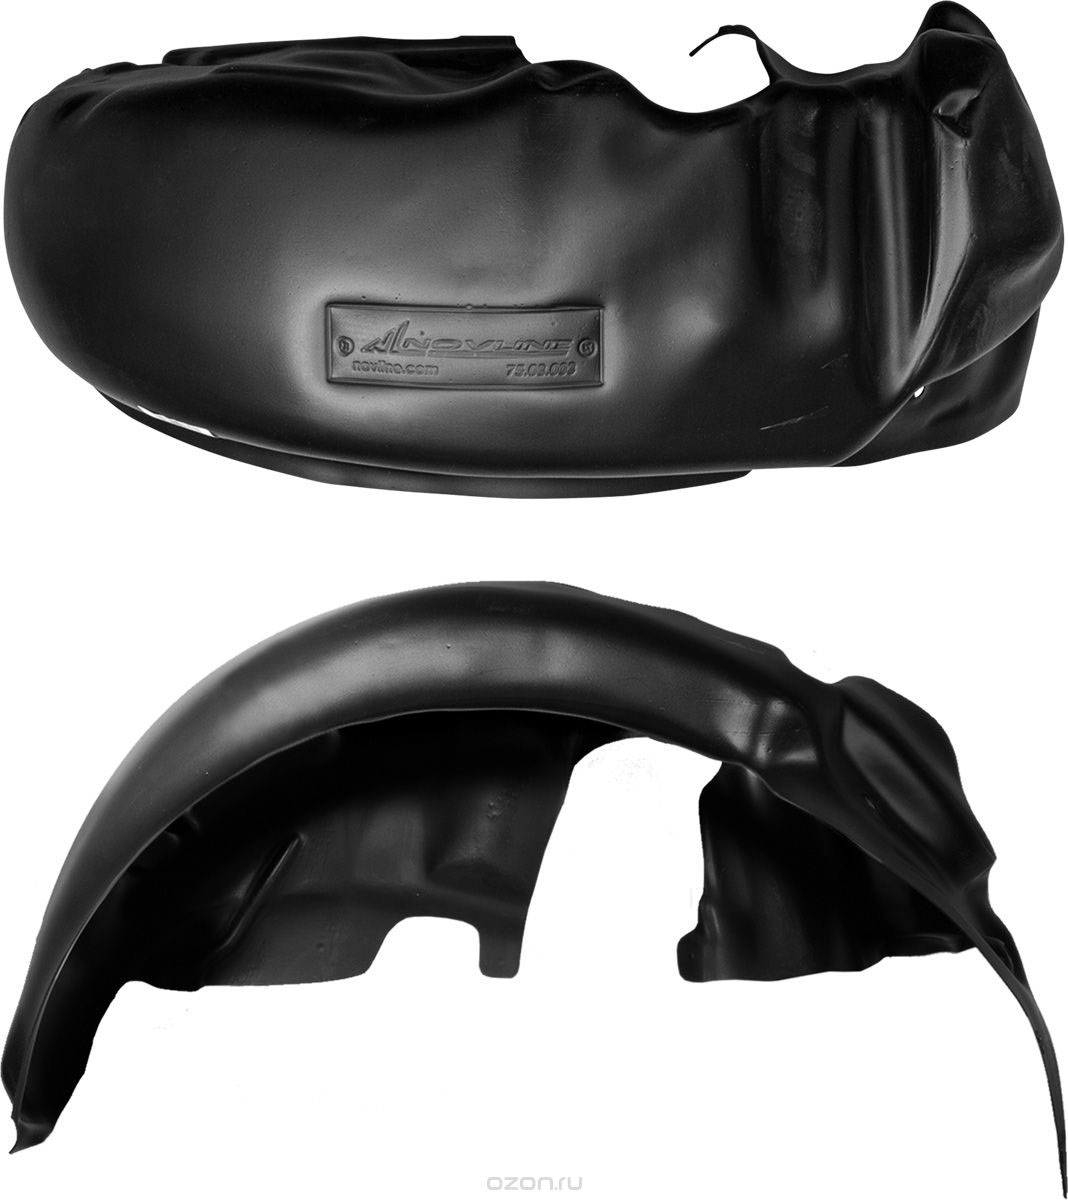 Подкрылок Novline-Autofamily, для DONGFENG S30, 03/2014->, ET(вылет 21-25, задний правыйNLL.96.02.004Идеальная защита колесной ниши. Локеры разработаны с применением цифровых технологий, гарантируют максимальную повторяемость поверхности арки. Изделия устанавливаются без нарушения лакокрасочного покрытия автомобиля, каждый подкрылок комплектуется крепежом. Уважаемые клиенты, обращаем ваше внимание, что фотографии на подкрылки универсальные и не отражают реальную форму изделия. При этом само изделие идет точно под размер указанного автомобиля.